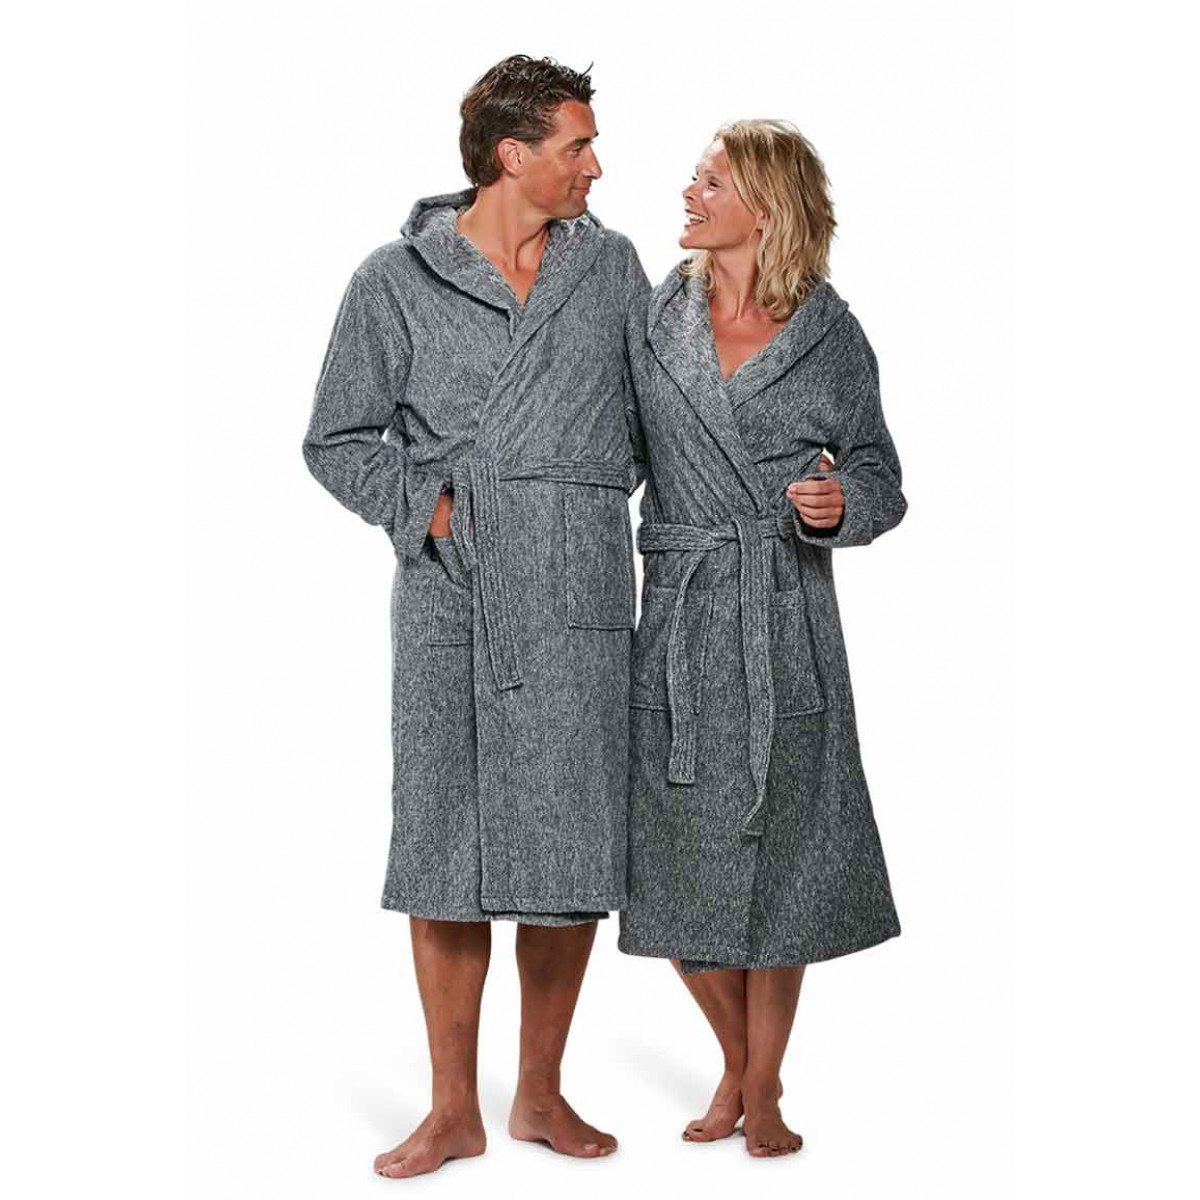 Badjas grijs voor hem & haar